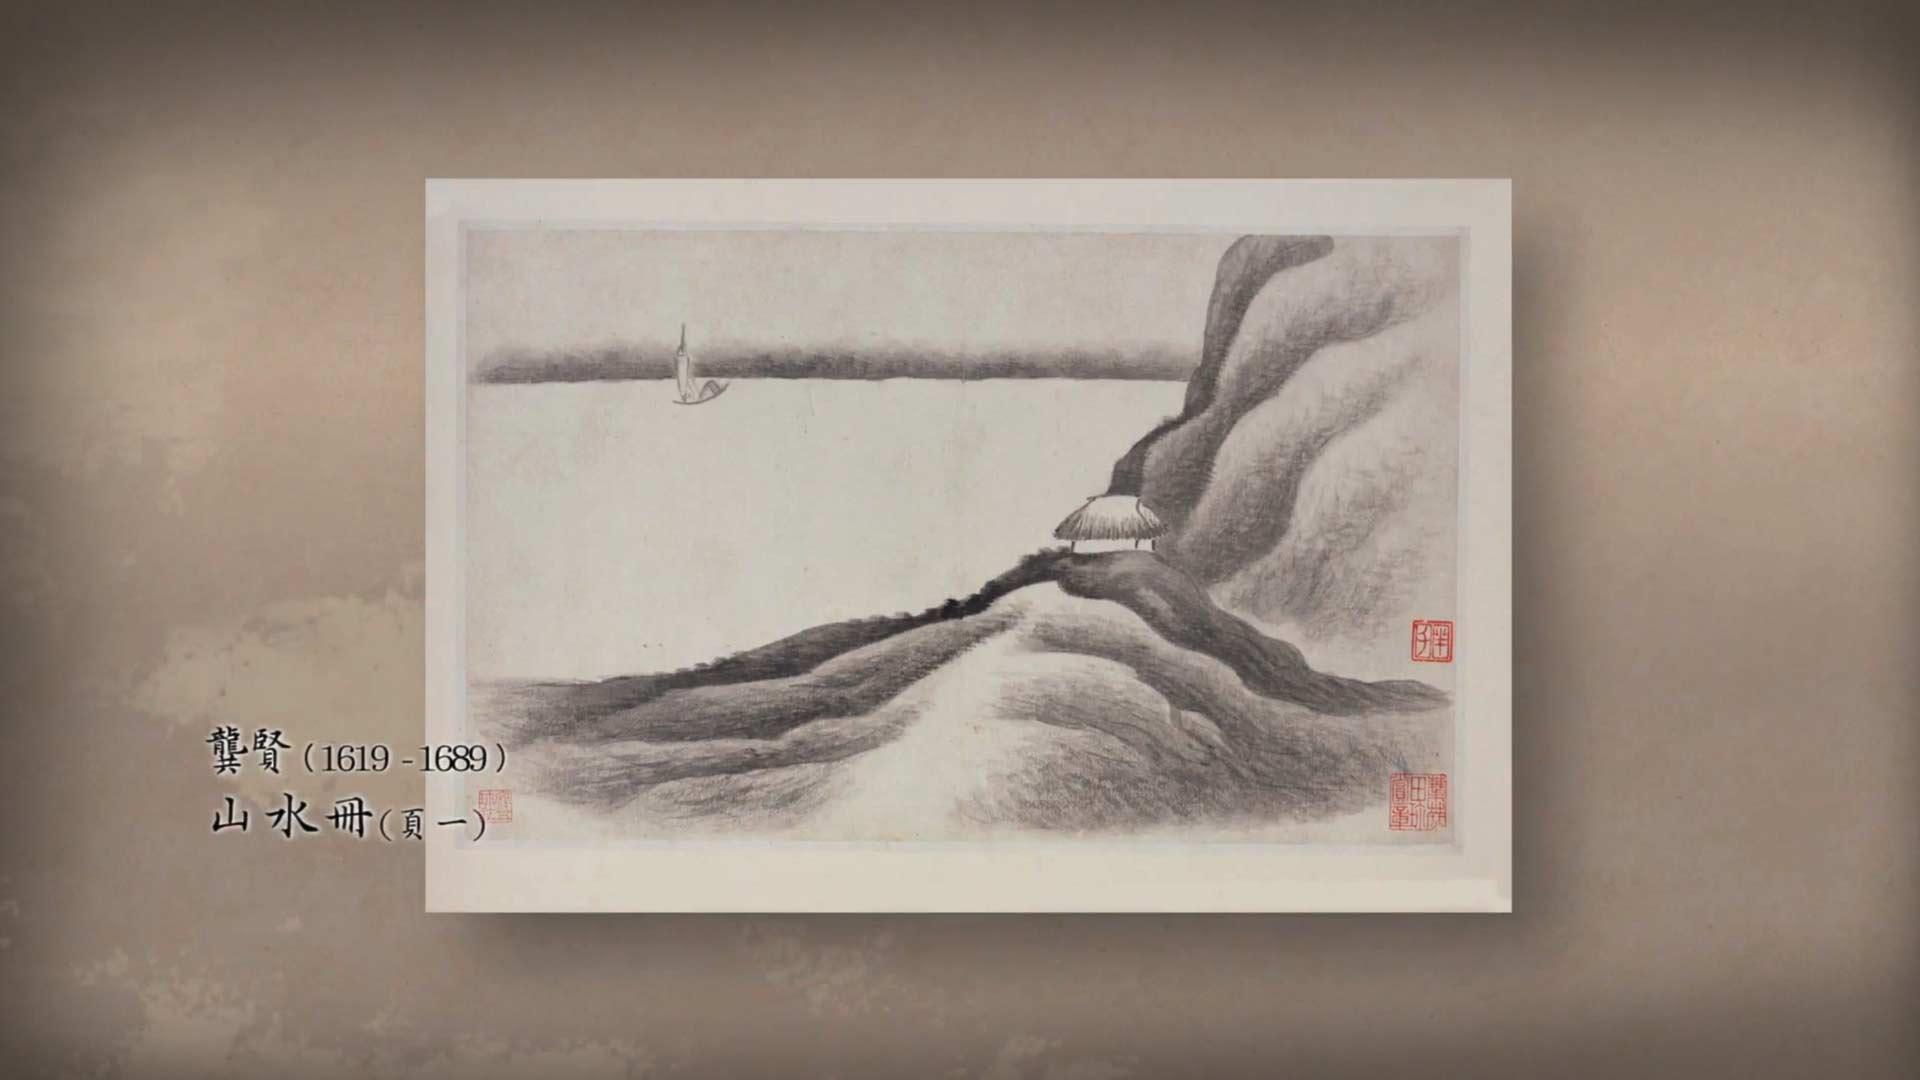 《呼吸美学-中国古画赏析》:孤寂 (2021) <p>画作提供:香港艺术馆虚白斋藏</p>